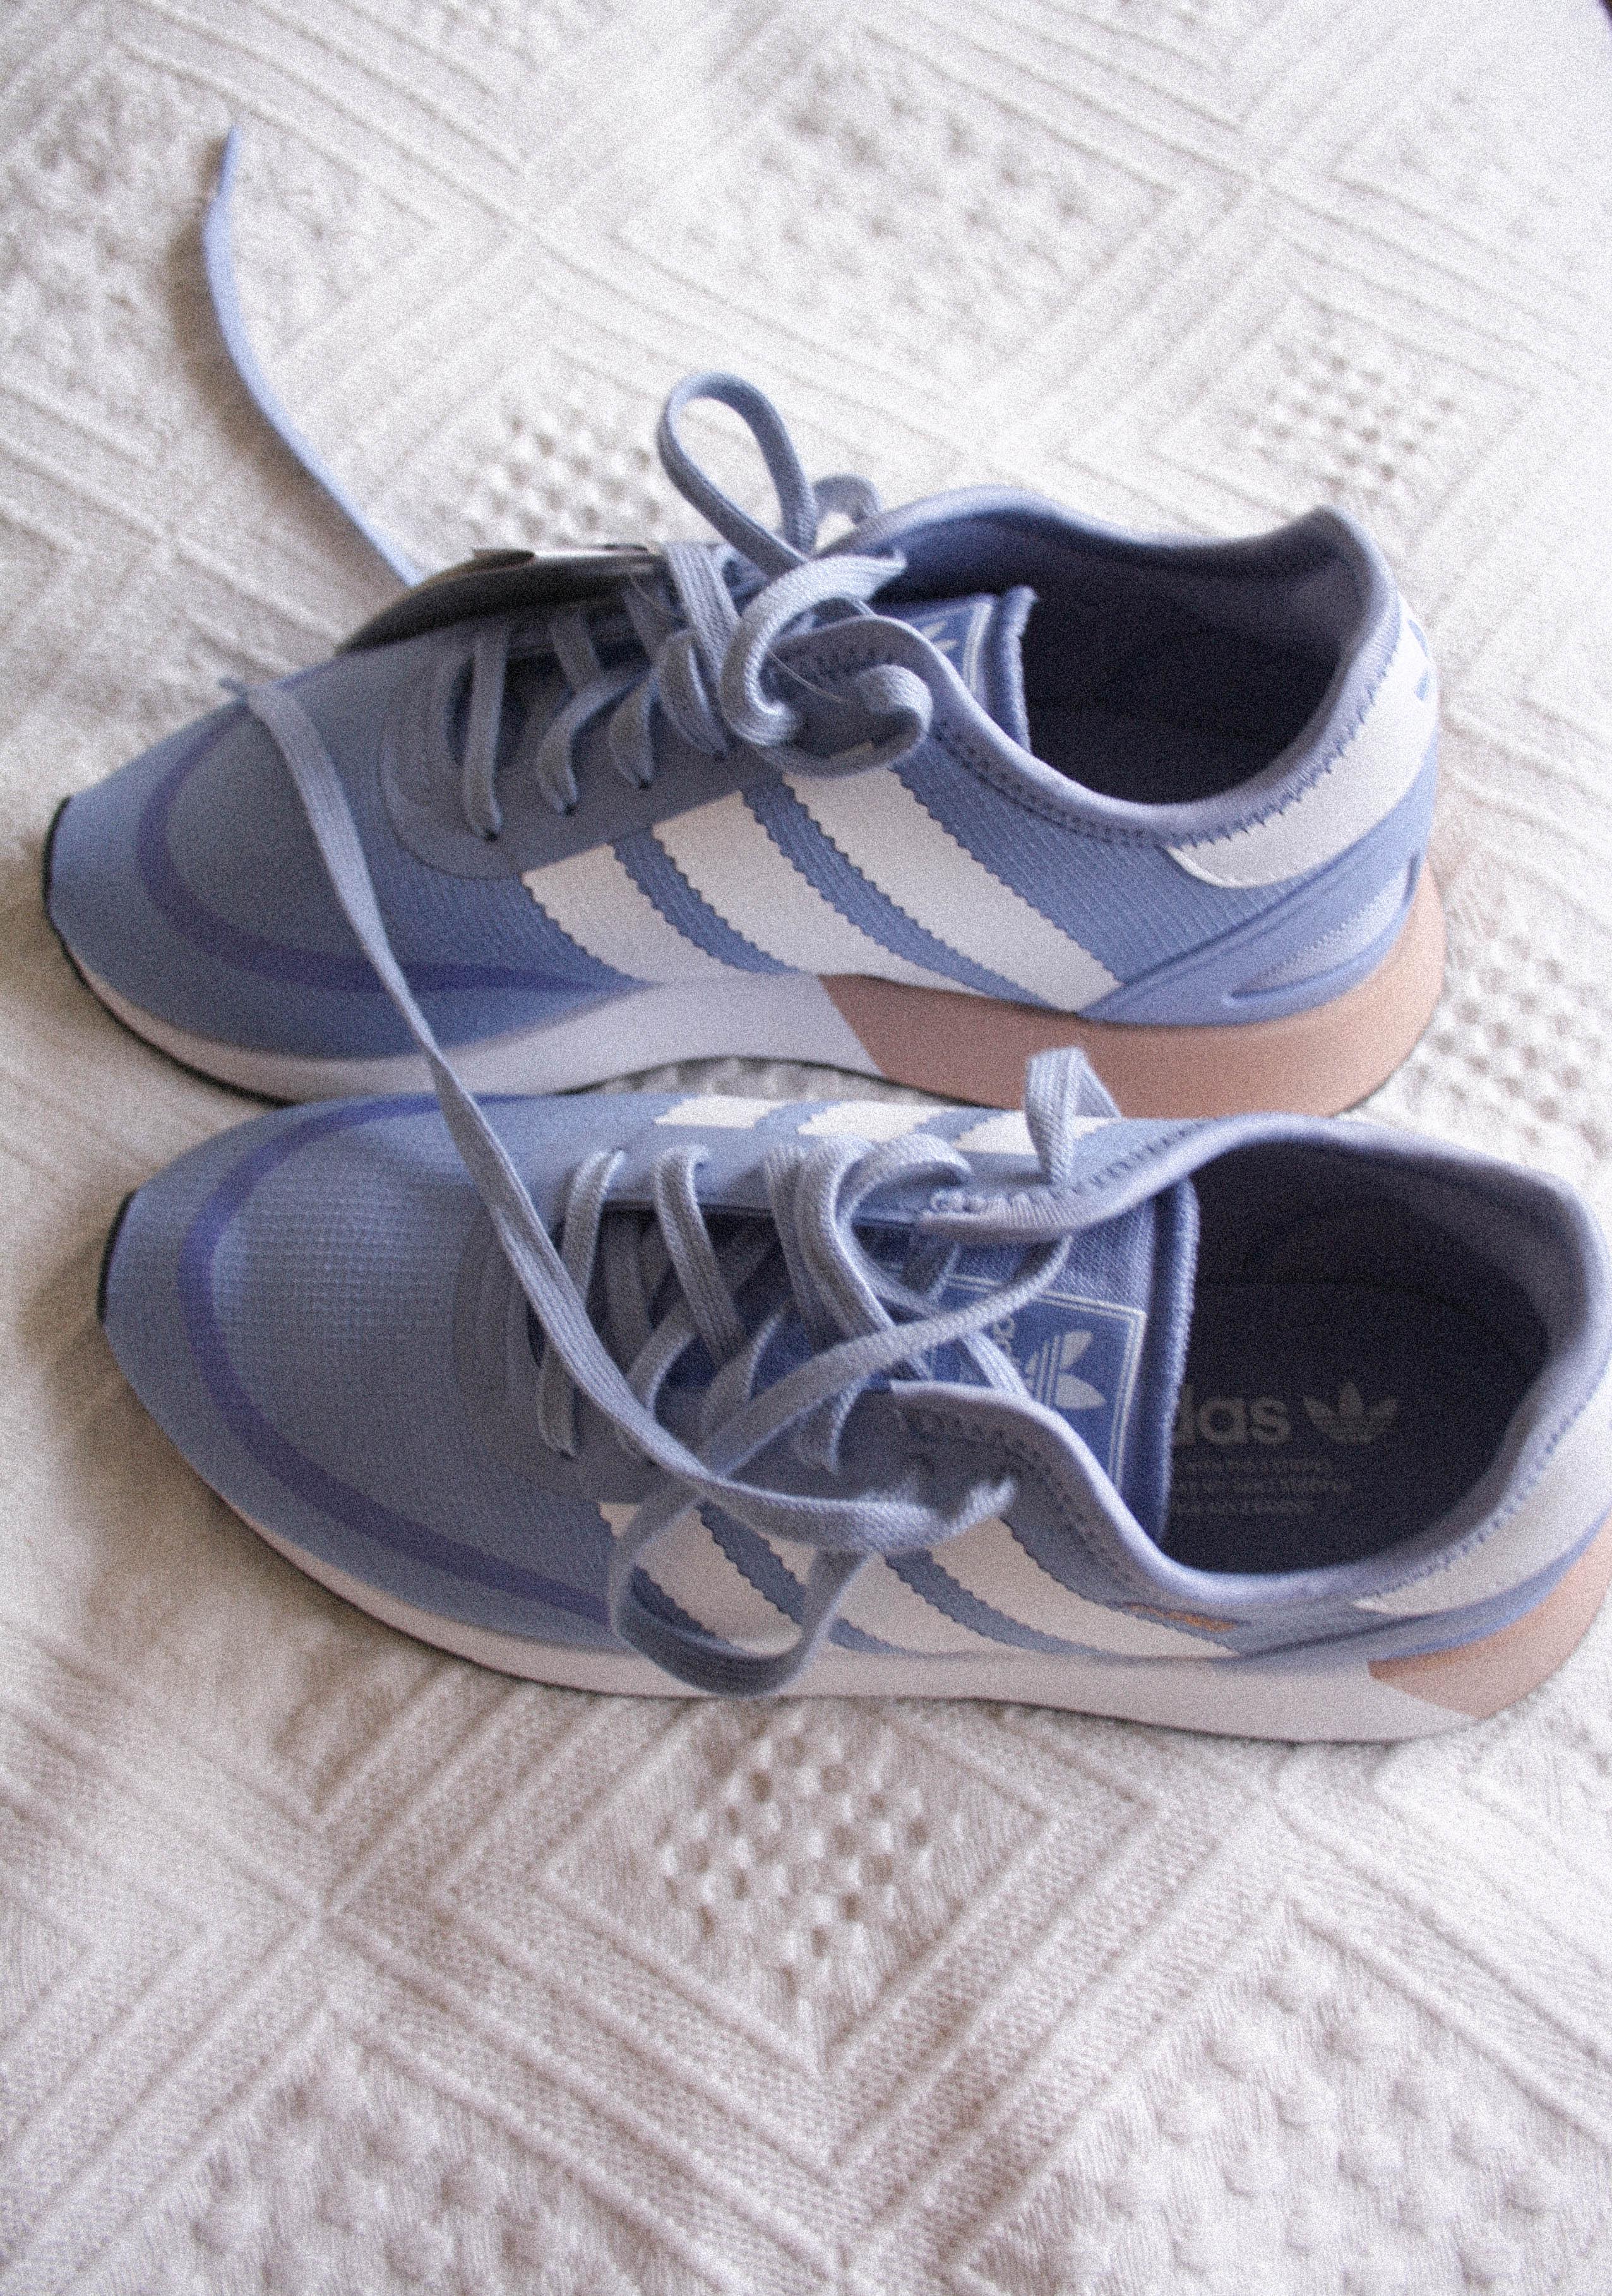 kengät4.jpg